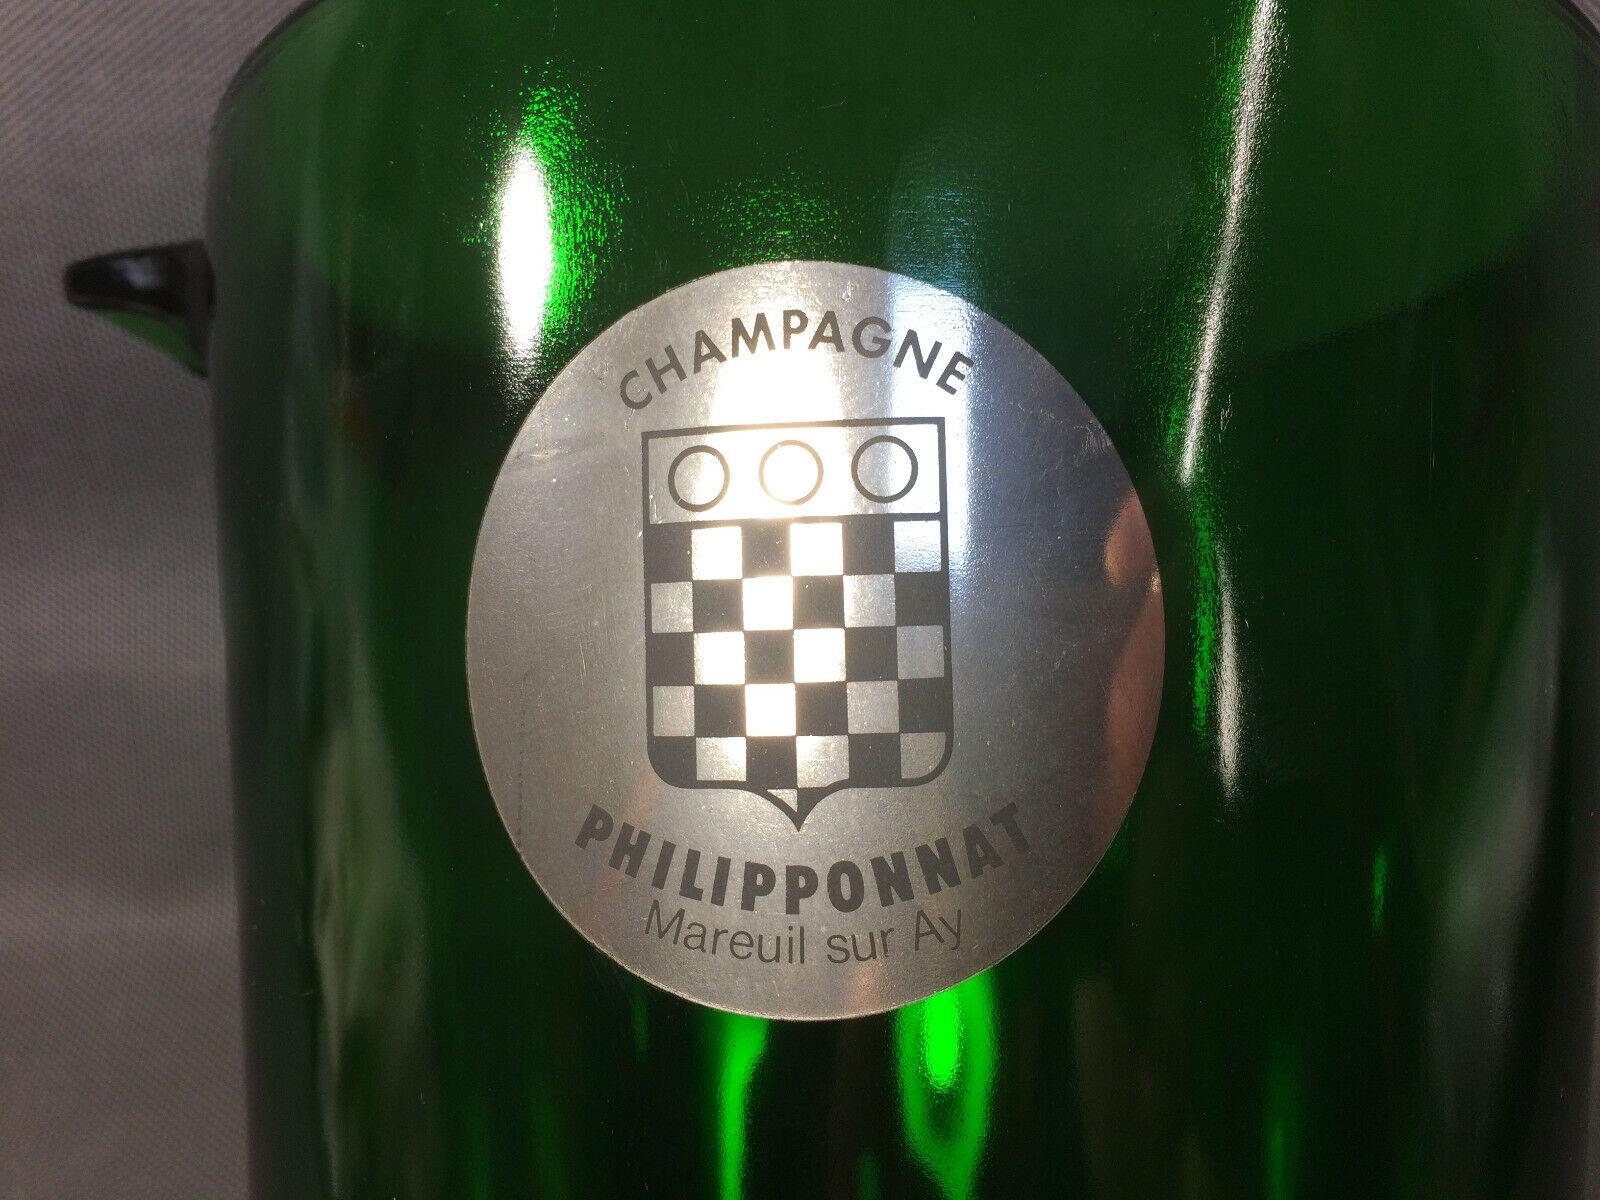 Ancien seau à champagne ou vin en verre vert philipponnat mareuil sur ay vintage